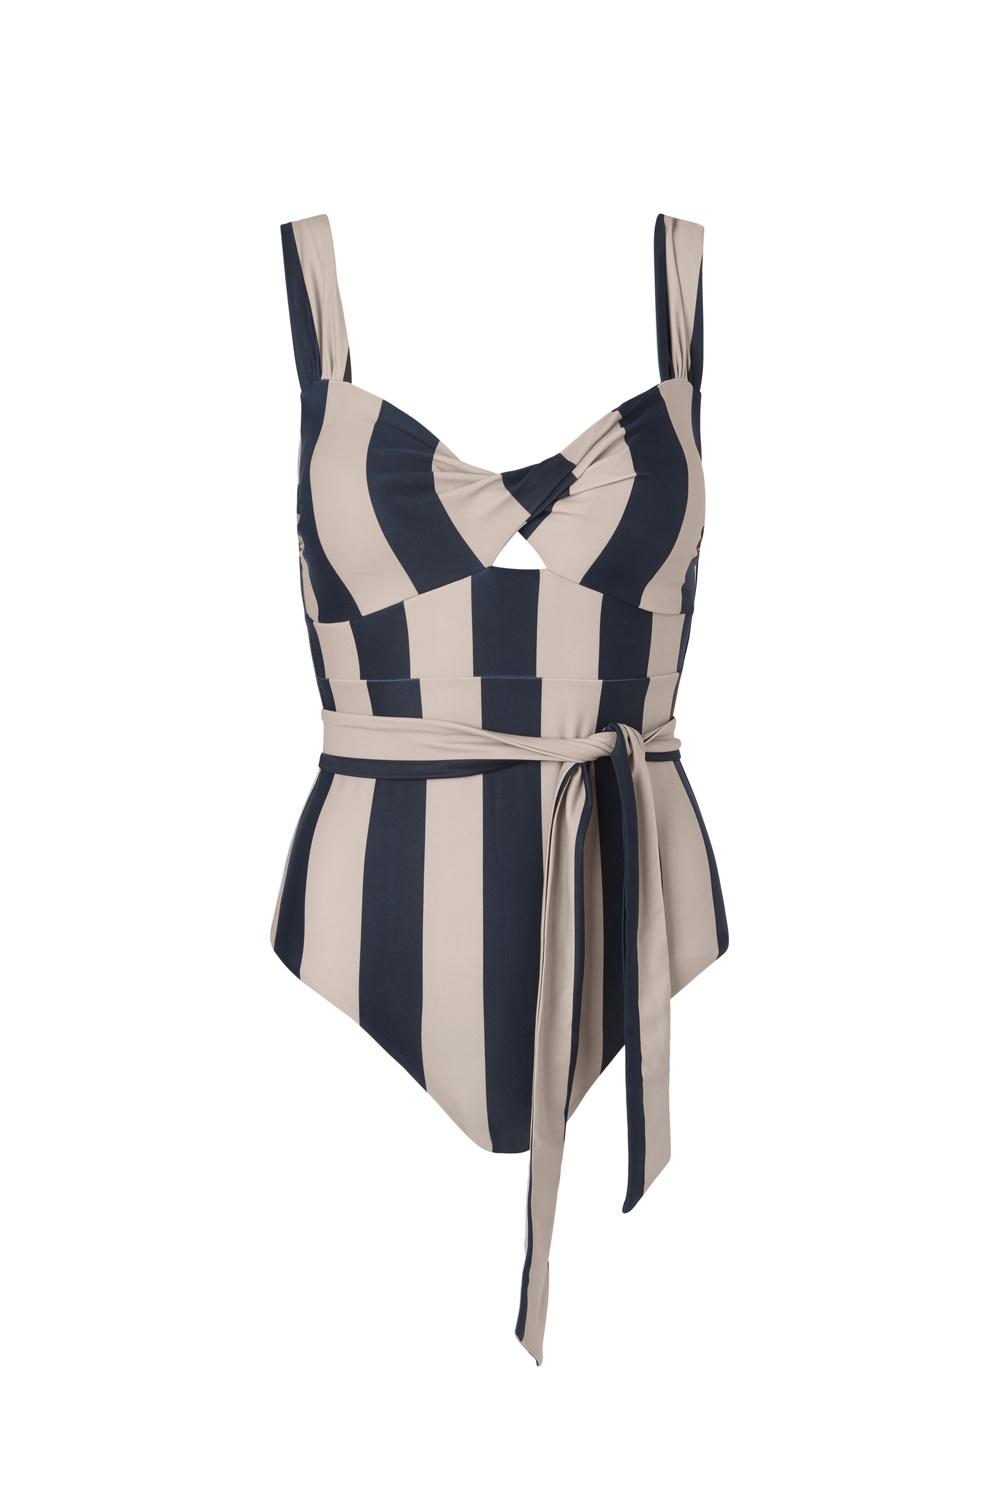 Obi Twist Swimsuit - Noir Stripe M-1